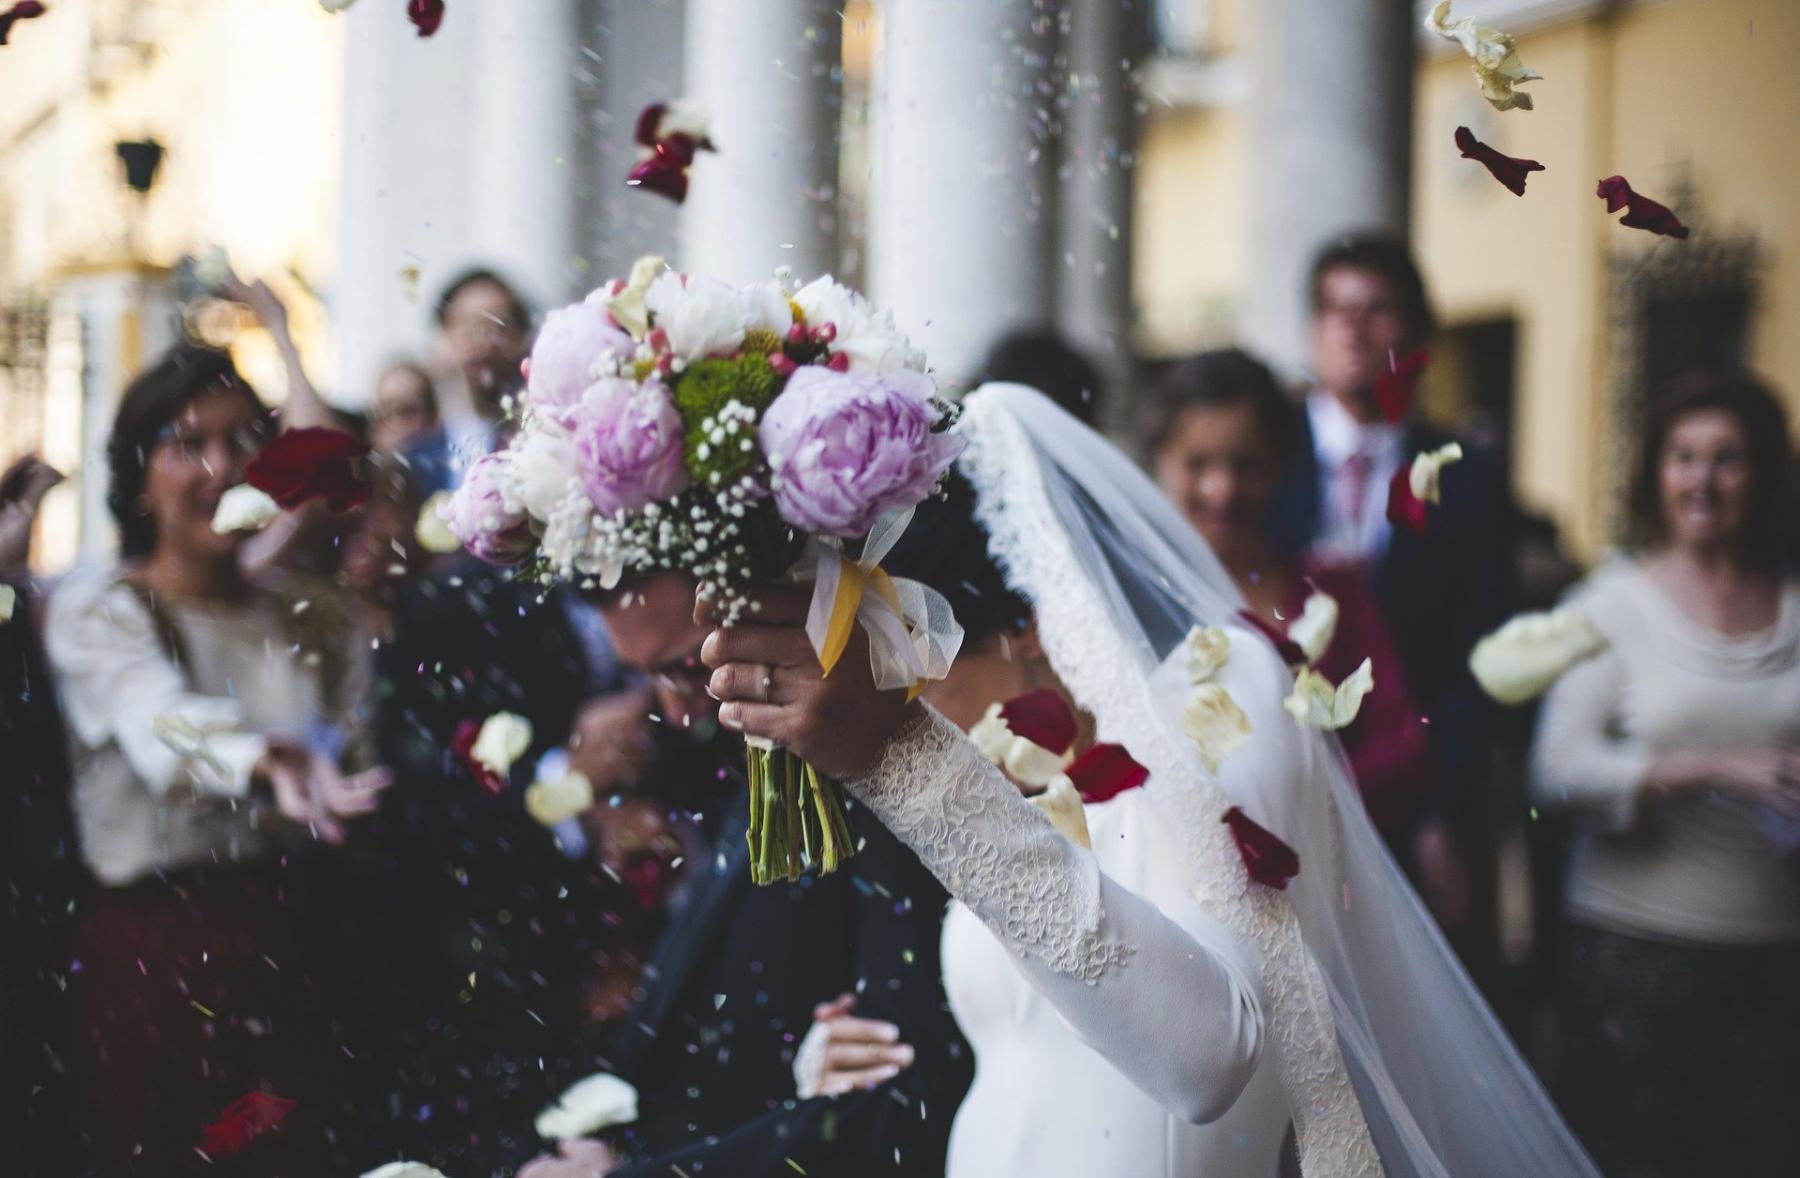 фото Есть кому крикнуть «Горько»: омичам разрешили гостей на свадьбах 2